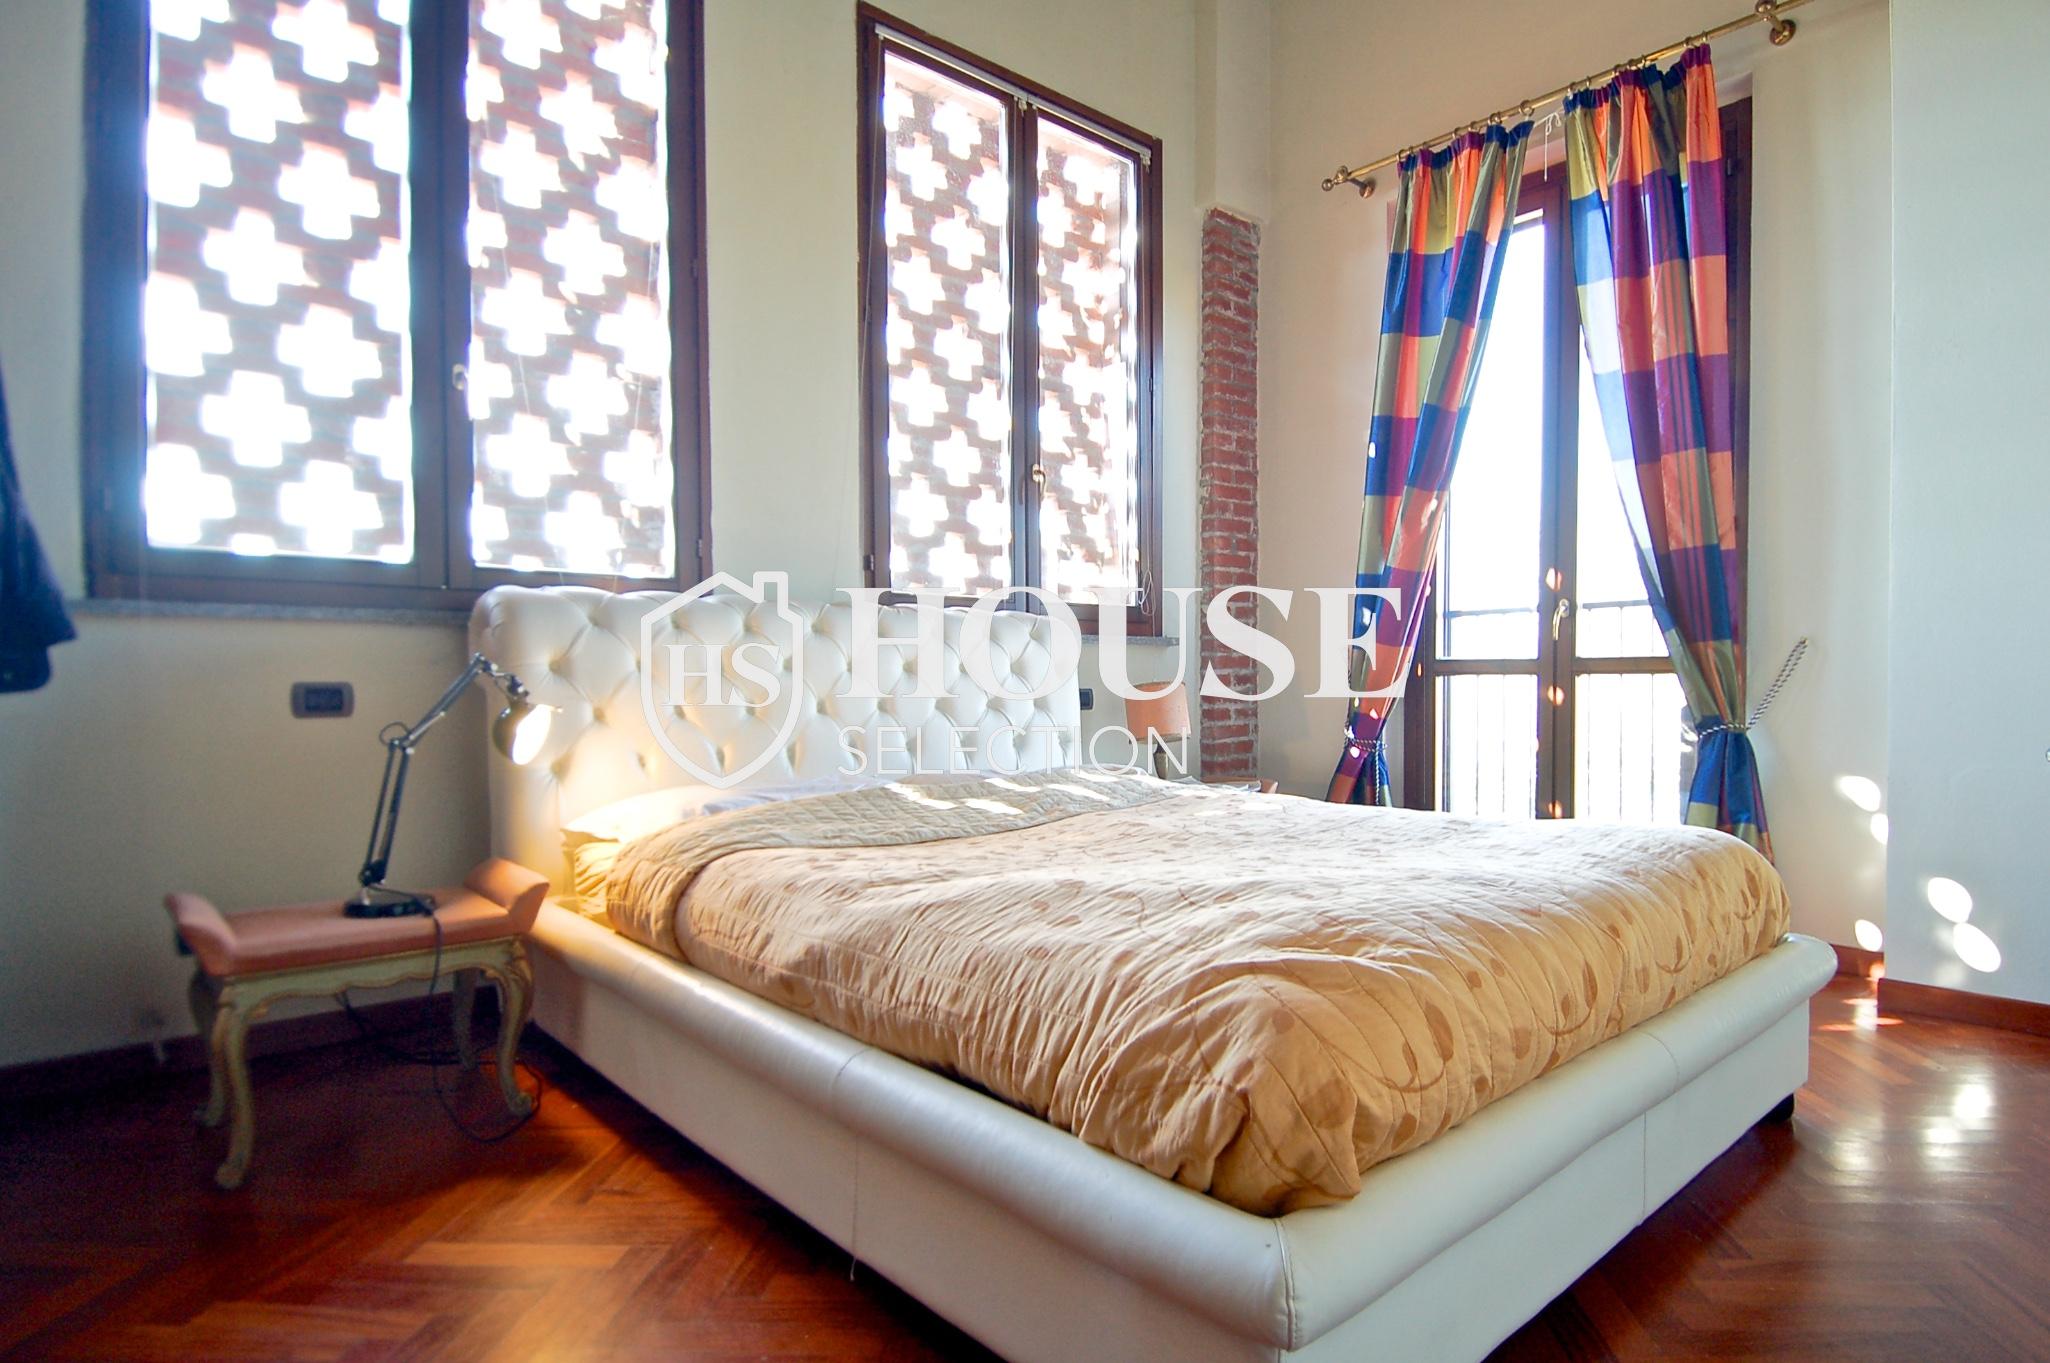 Affitto villa Basiglio, con giardino, ristrutturata, aria condizionata, corte interna, box auto, Milano 7